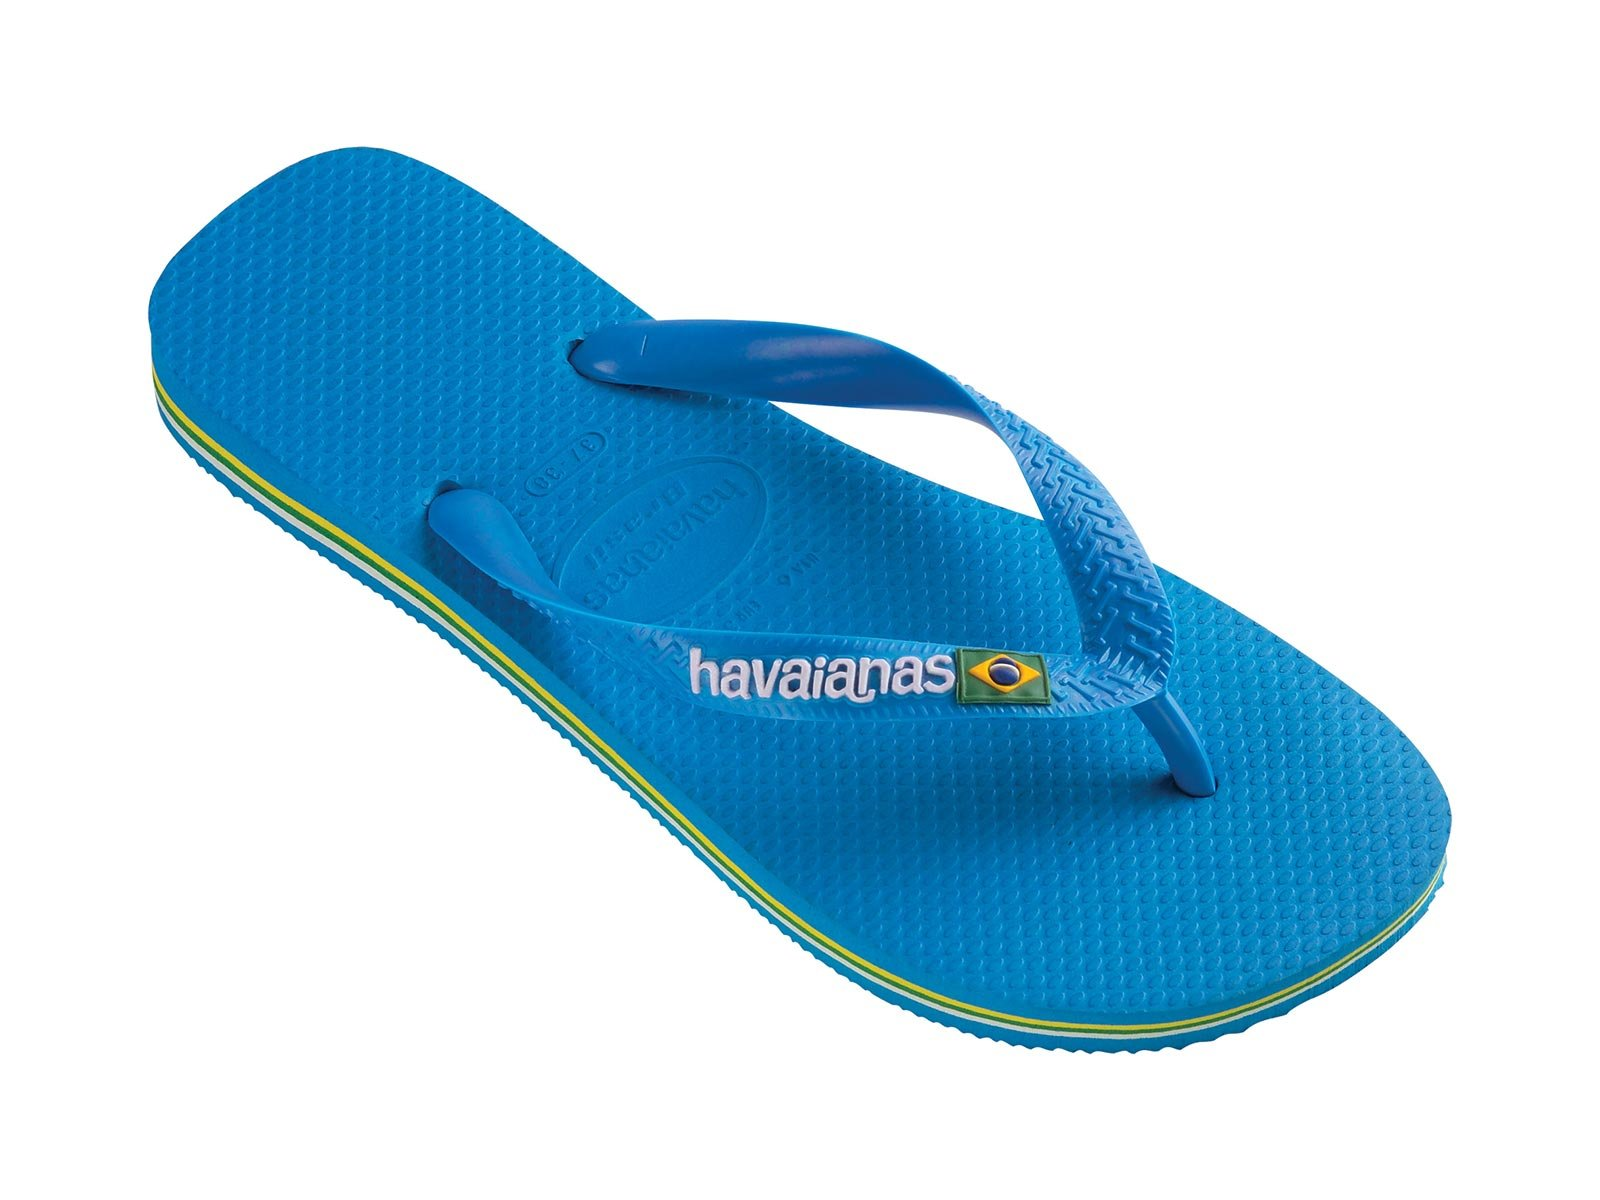 soft rubber flip flops in sky blue havaianas brasil logo blue sky. Black Bedroom Furniture Sets. Home Design Ideas